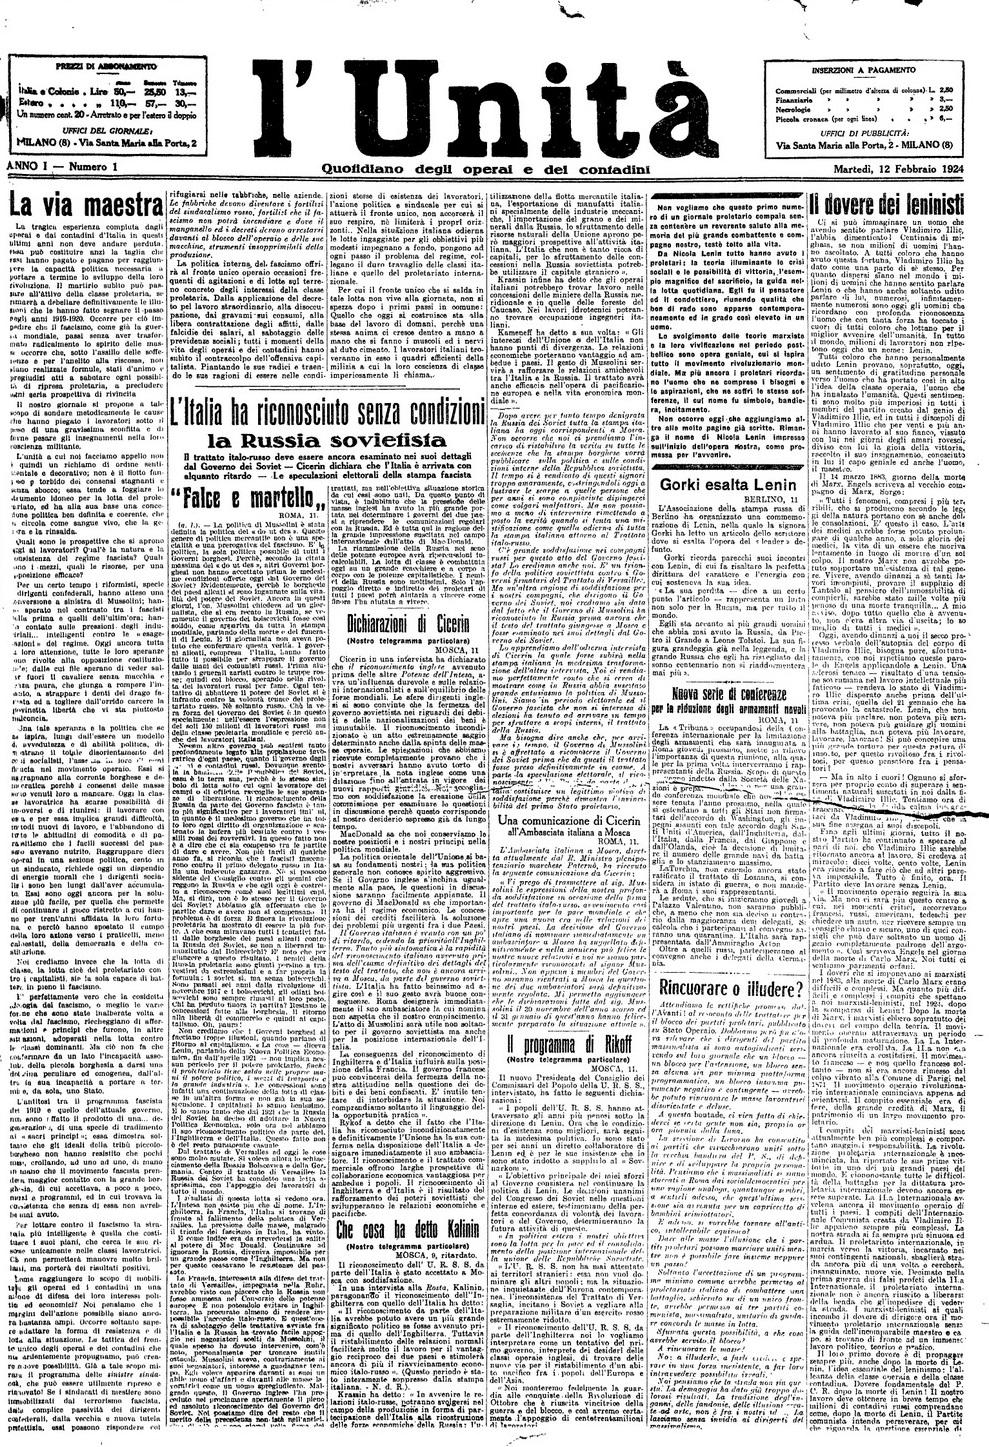 Accadde oggi primo numero de L'Unità - 12 febbraio 1924